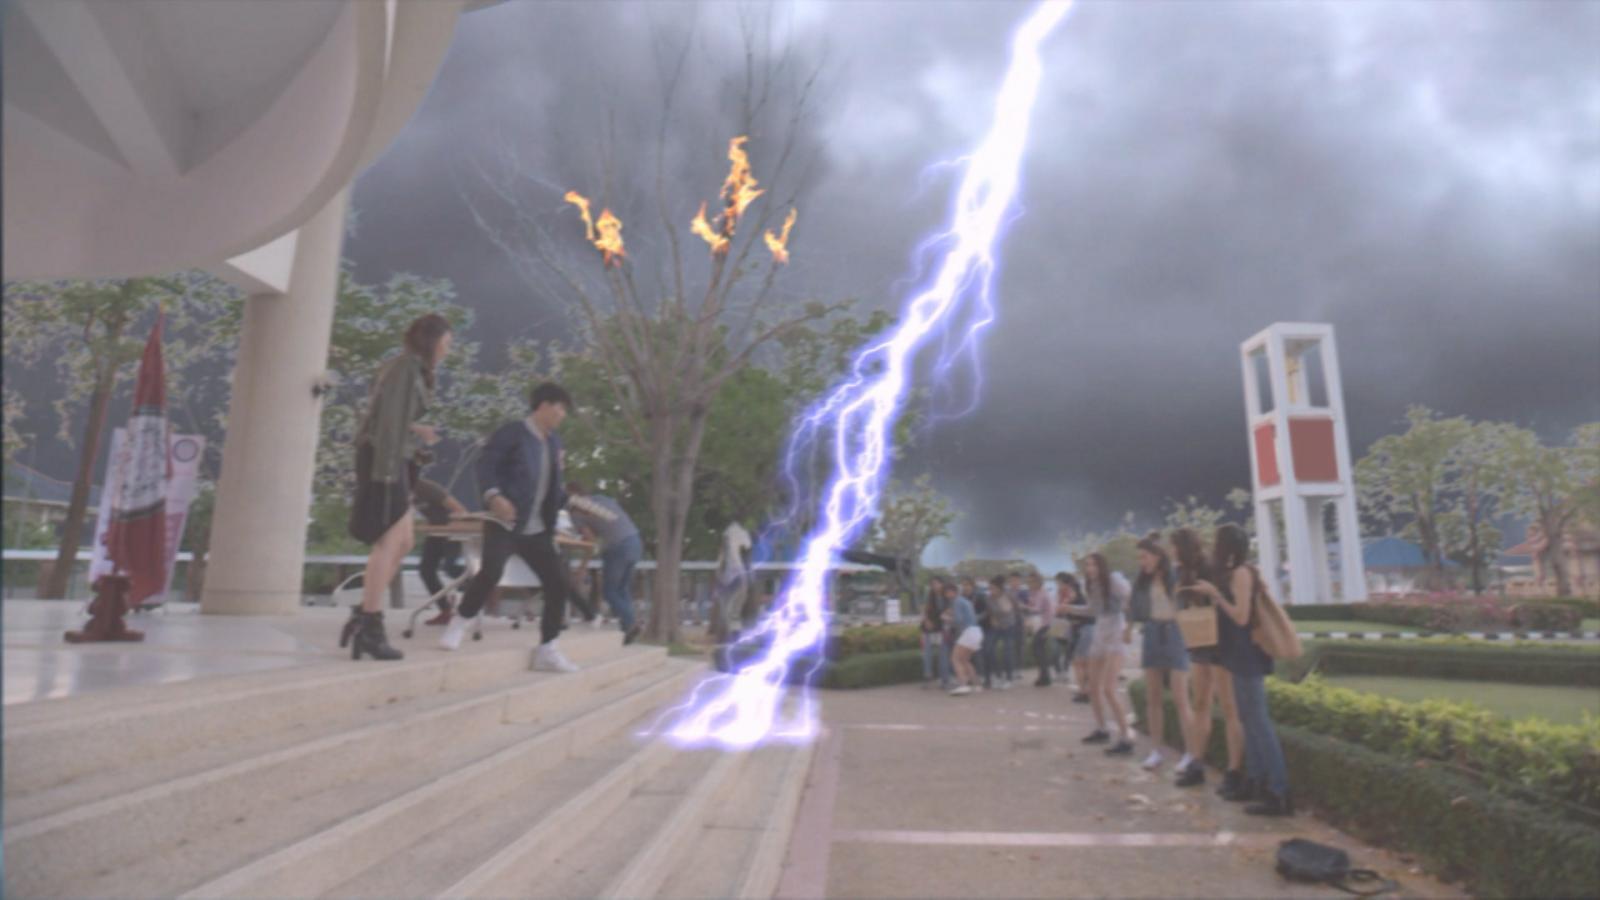 ธิดาซาตาน EP.2 | ฟินสุด | พลังแห่งธาตุไฟ